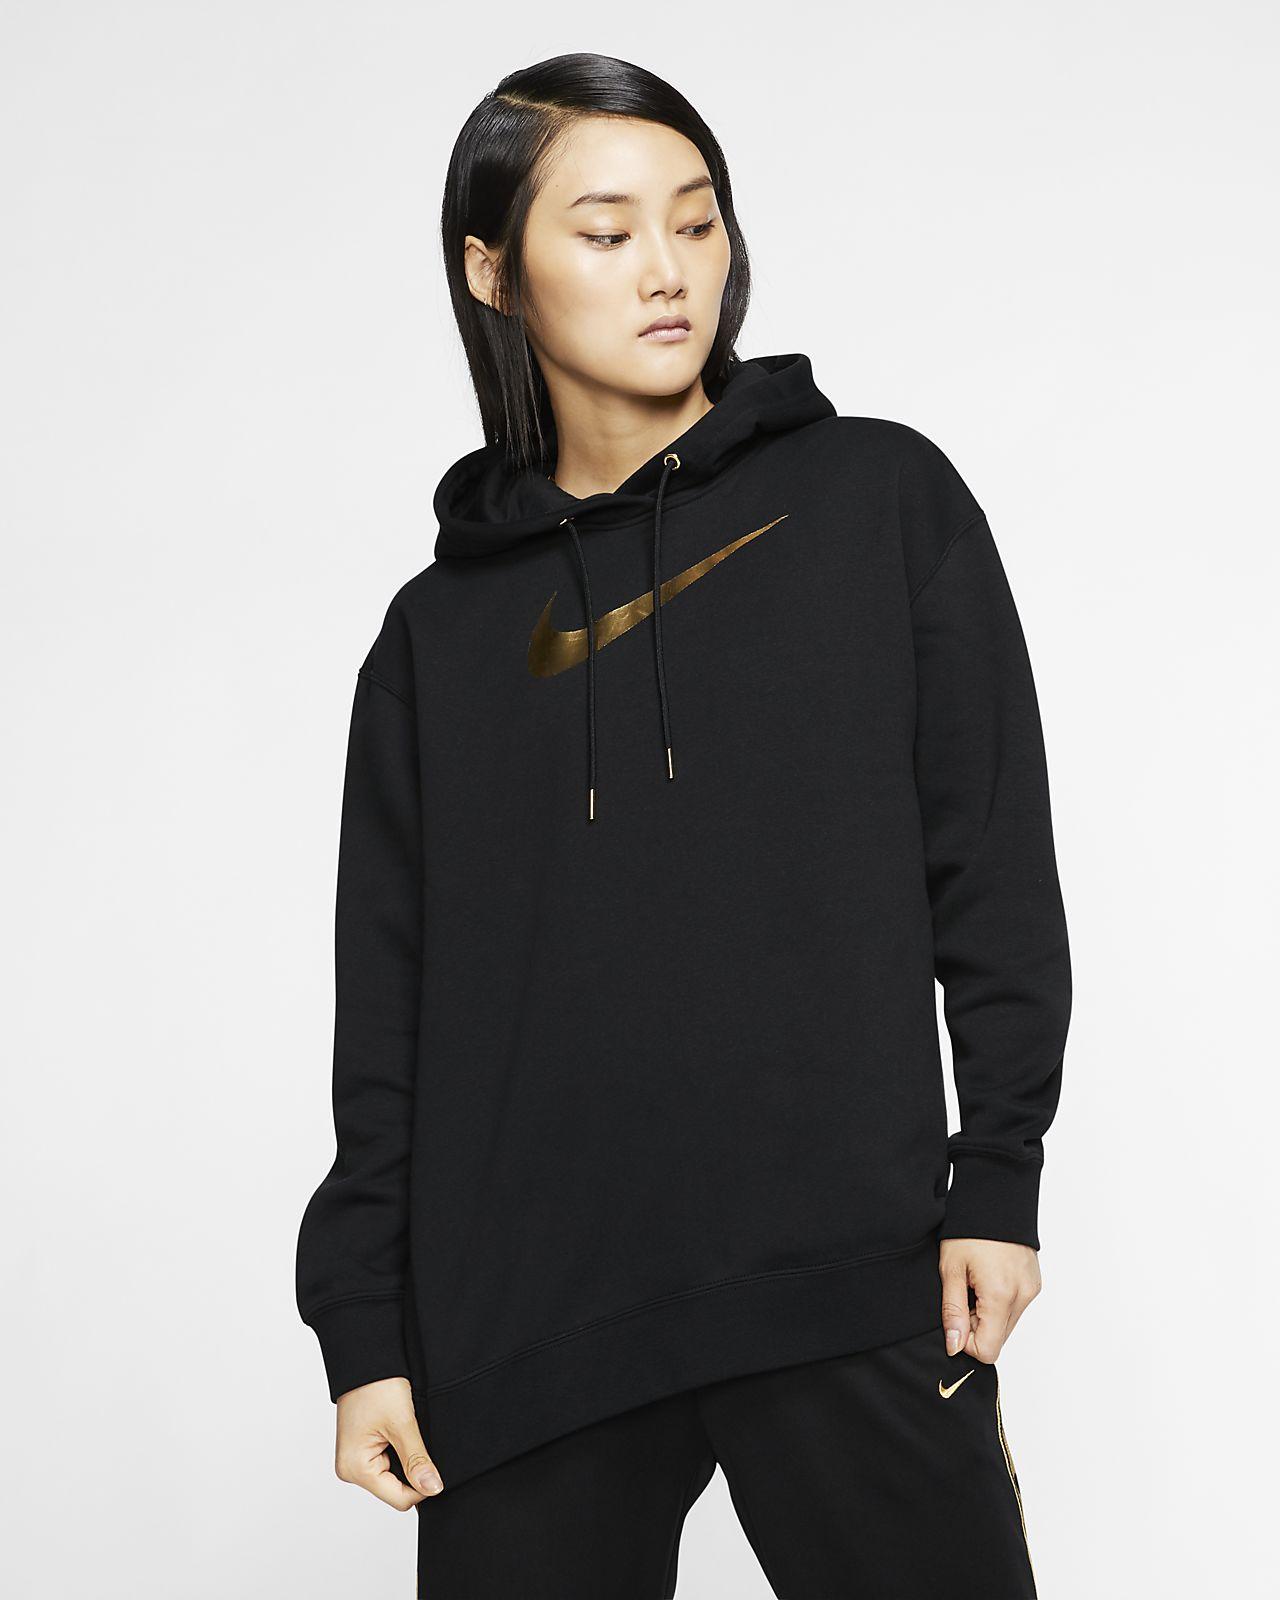 Felpa con cappuccio Nike Sportswear - Donna